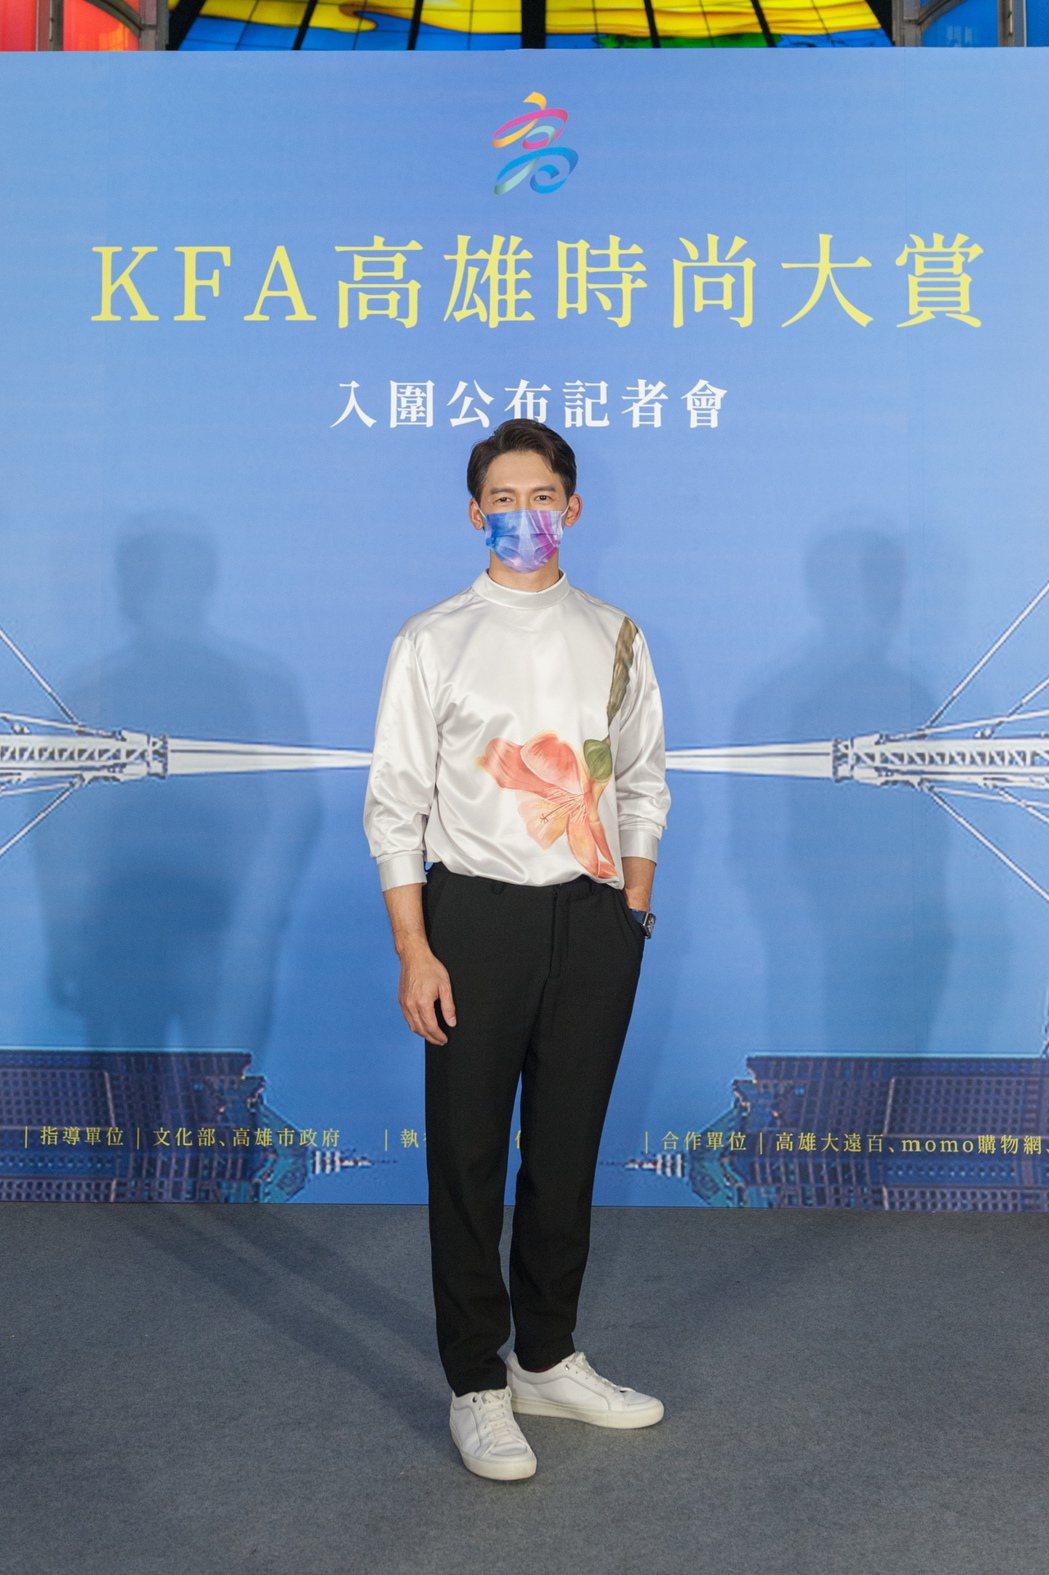 溫昇豪出席「高雄時尚大賞」活動。圖/高雄市政府青年局提供